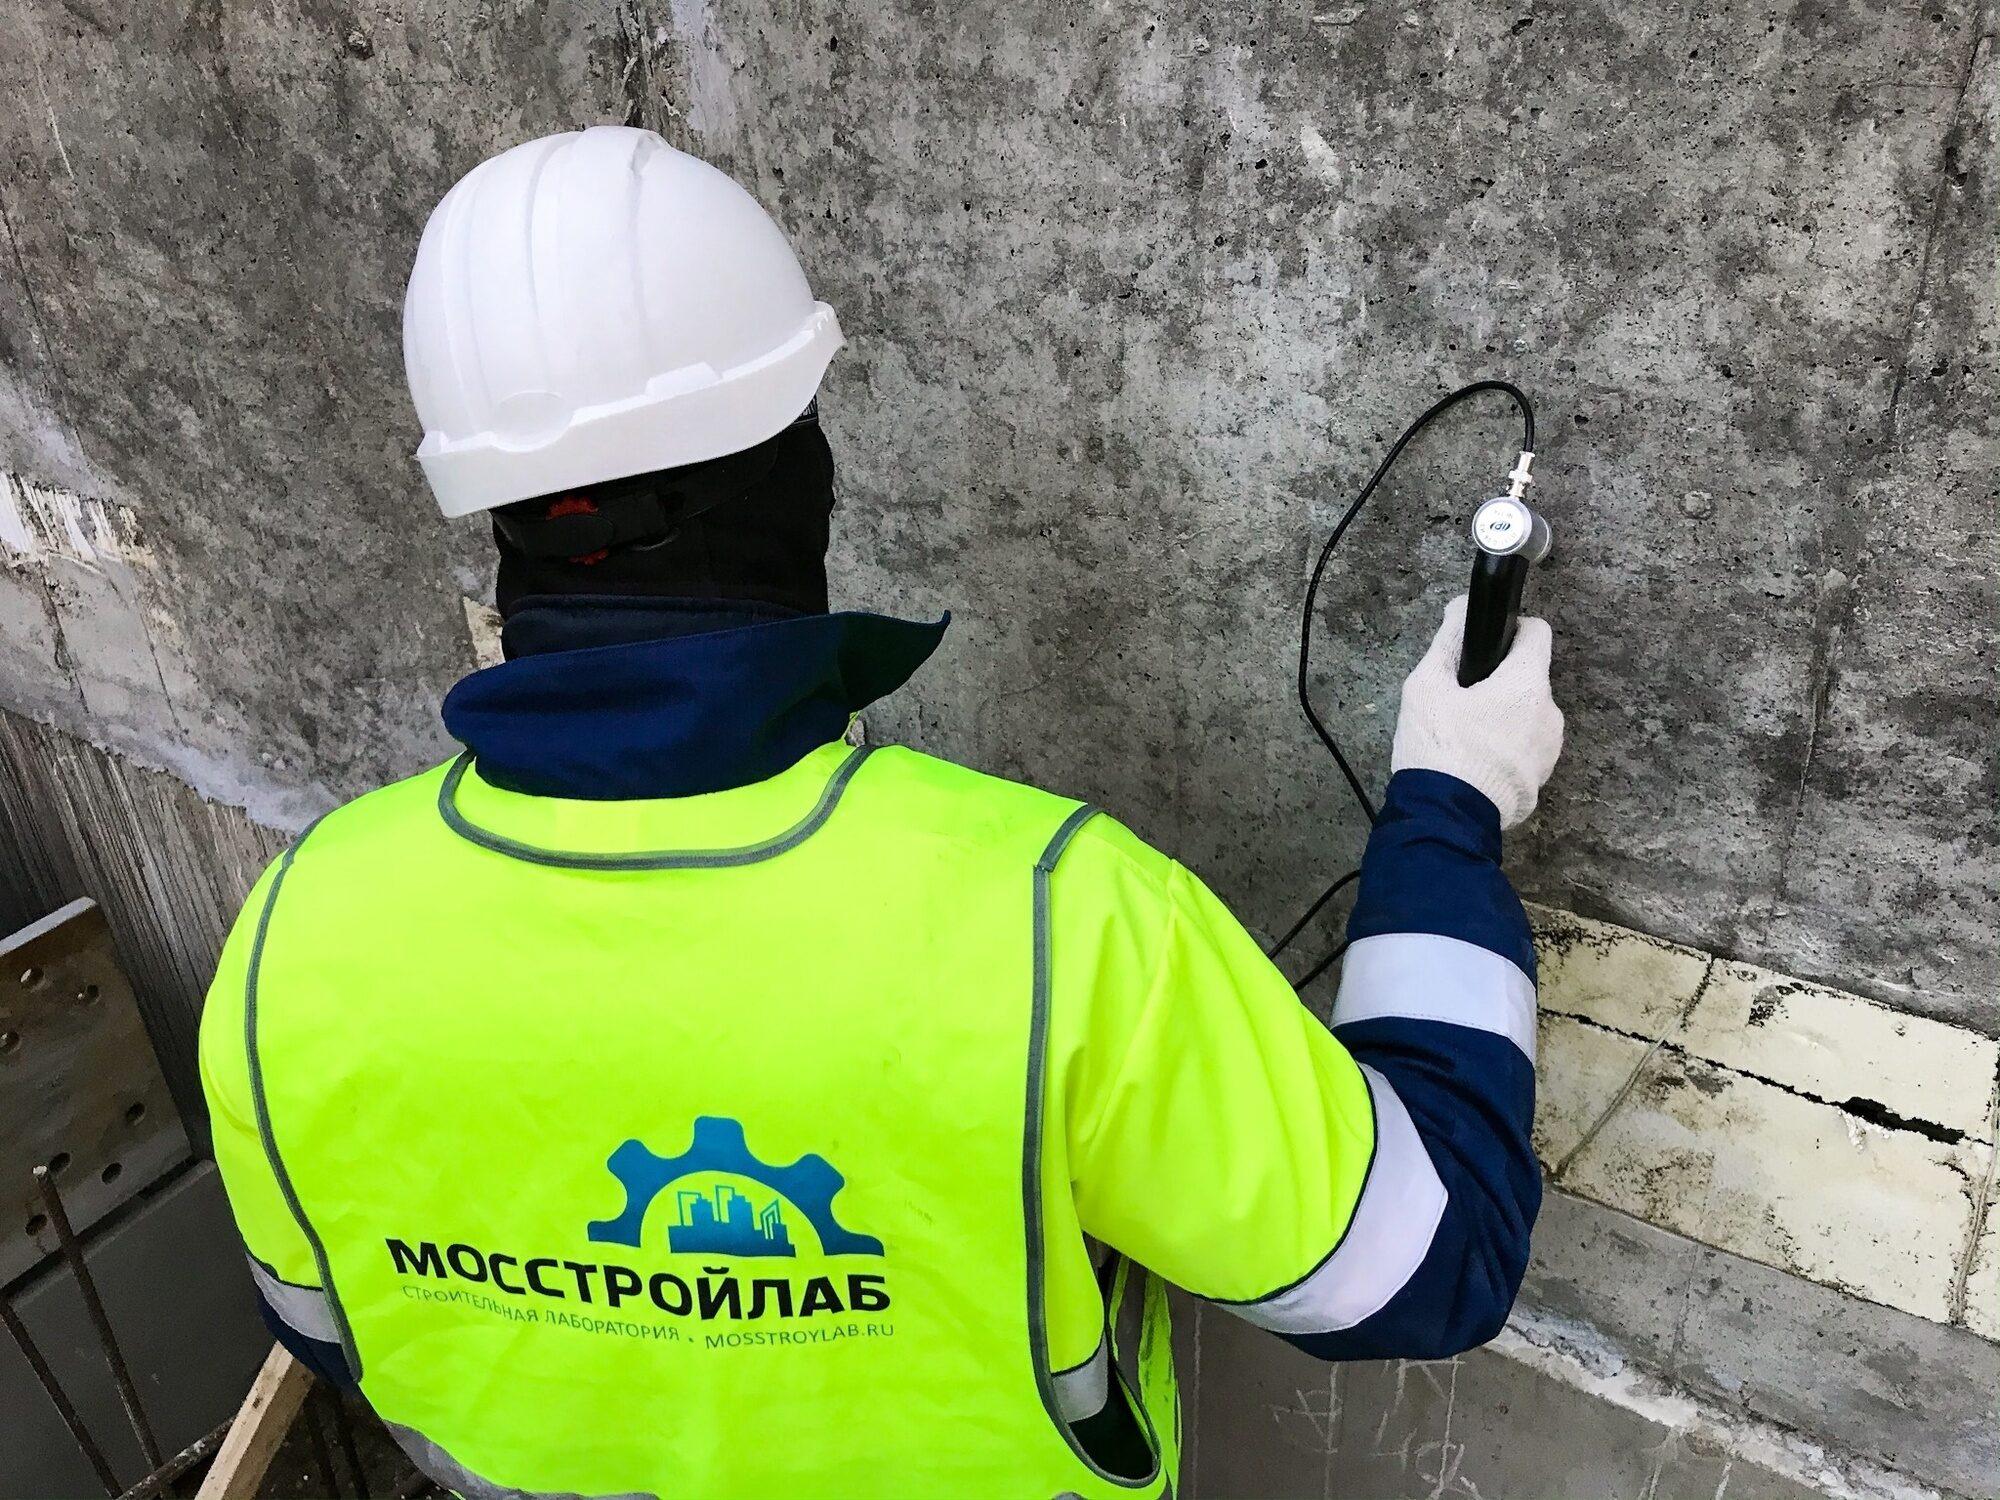 Лаборатории испытания бетона москва несъемная опалубка для монолитного керамзитобетона